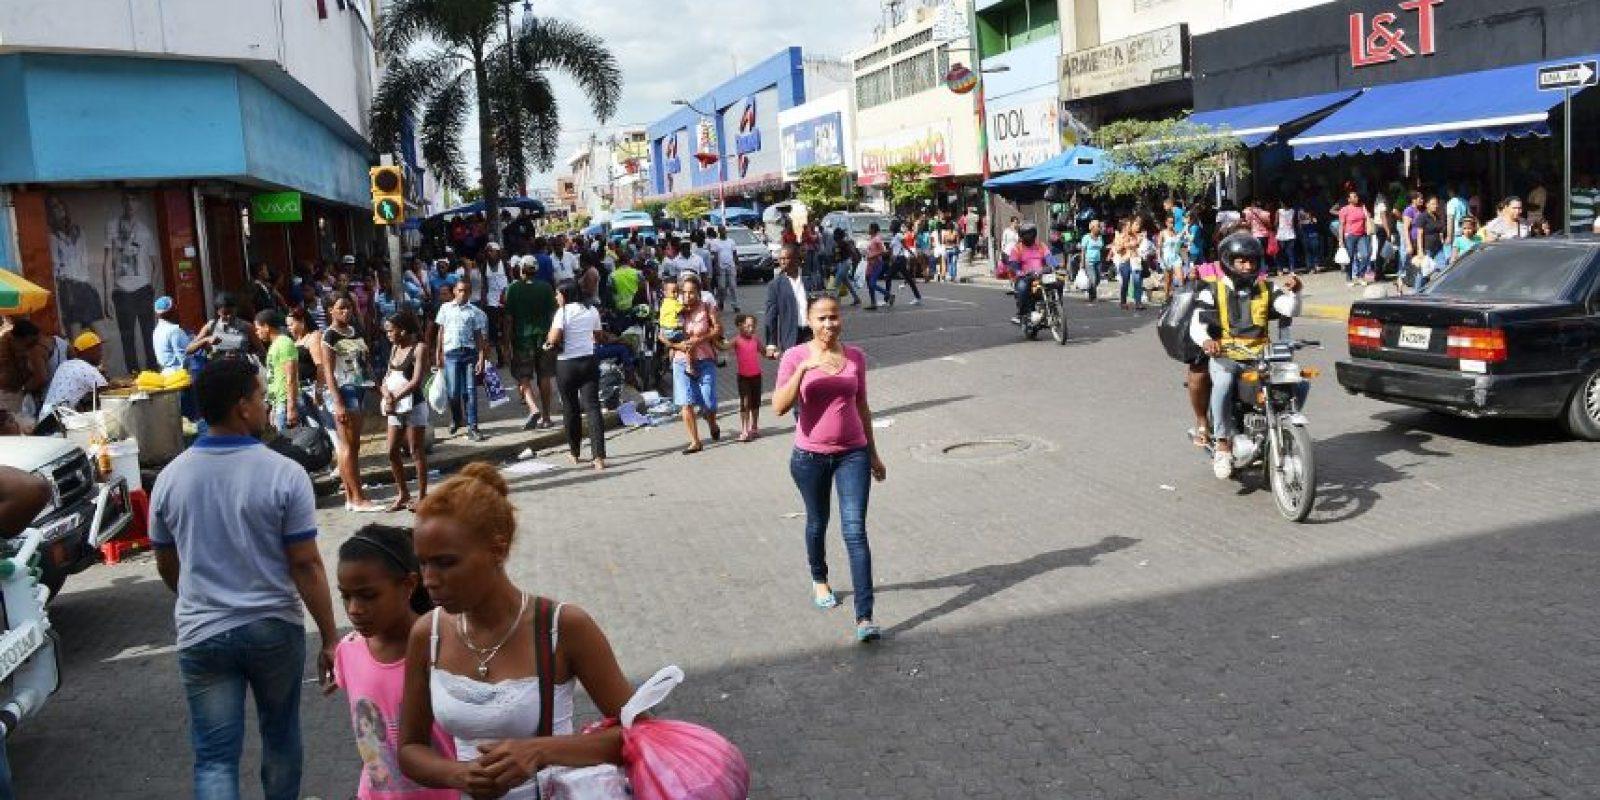 Los ciudadanos aprovechan las festividades navideñas para ir a tiendas, bancos, supermercados y plazas comerciales. Foto: Mario de Peña